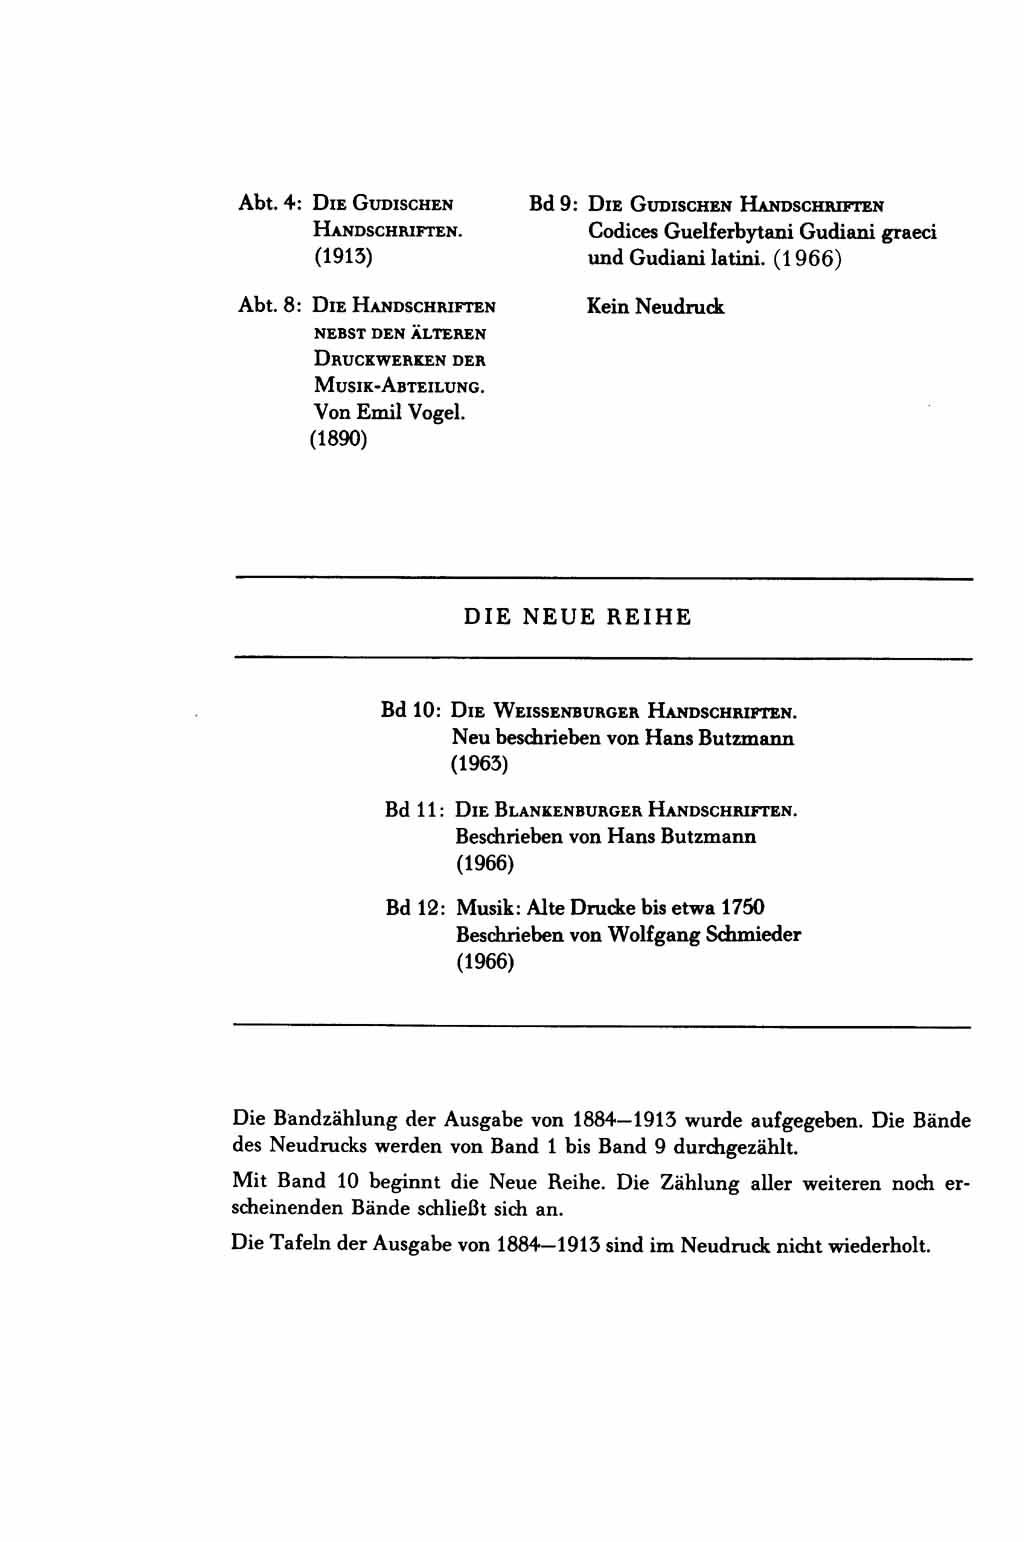 https://diglib.hab.de/drucke/f4f-539-8/00006.jpg